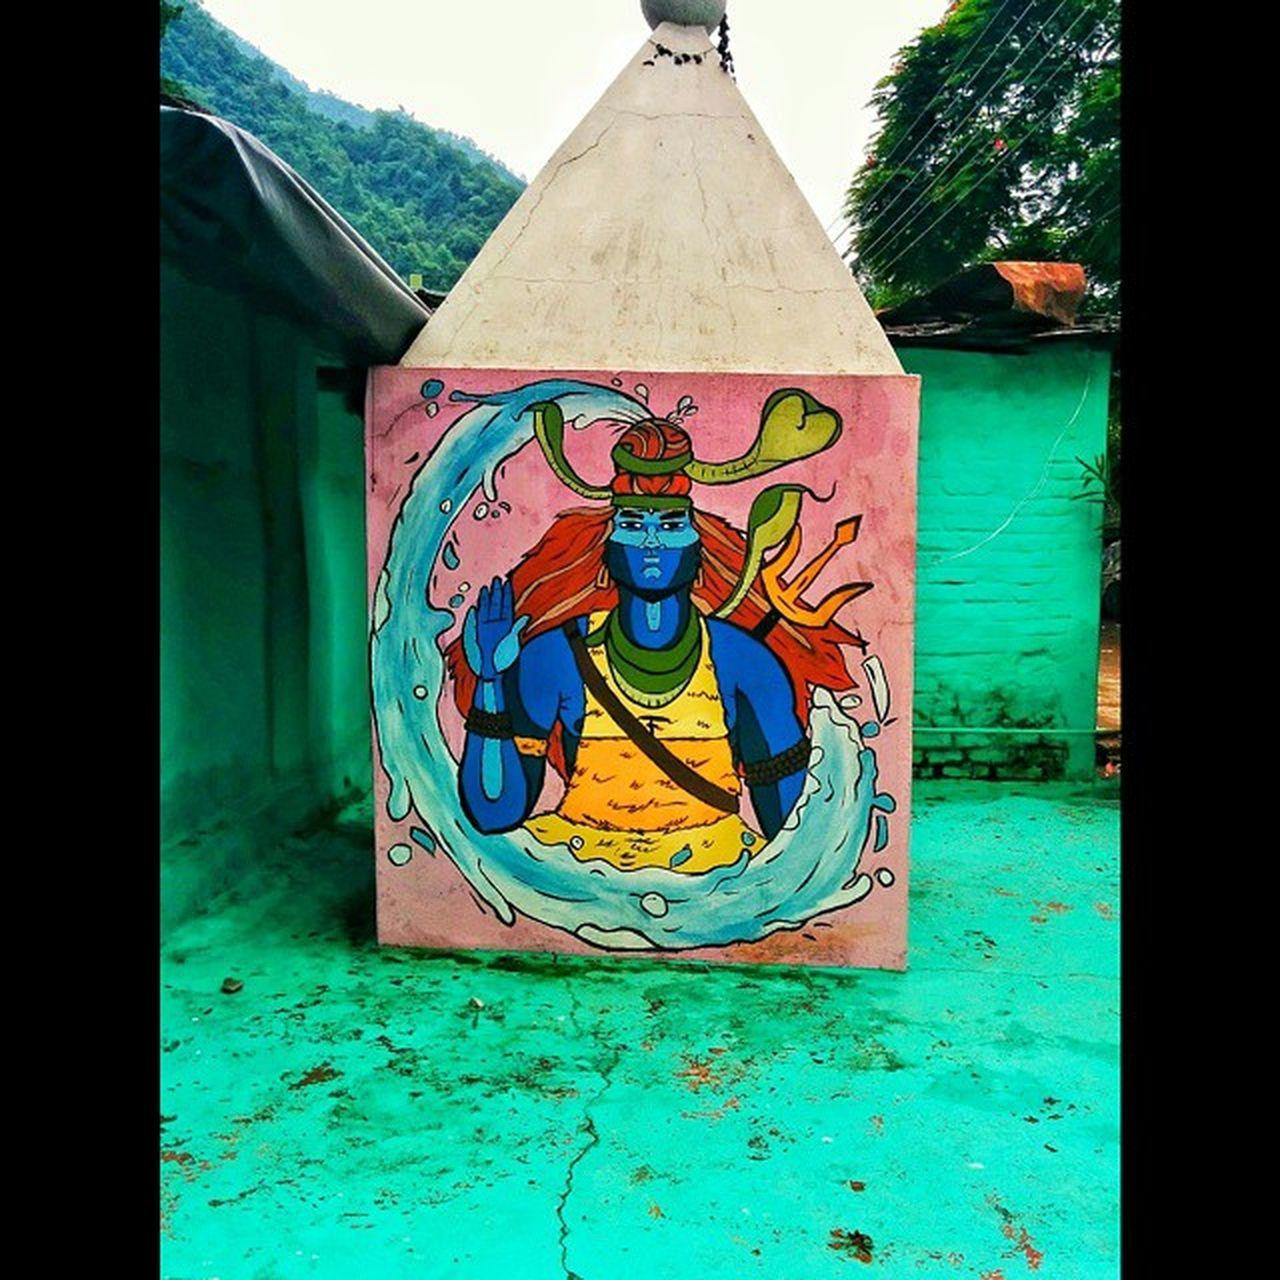 Firsedekhofriday Throwbackthurdaysaretoomainstream Rishikesh Boom Shankar Shiva